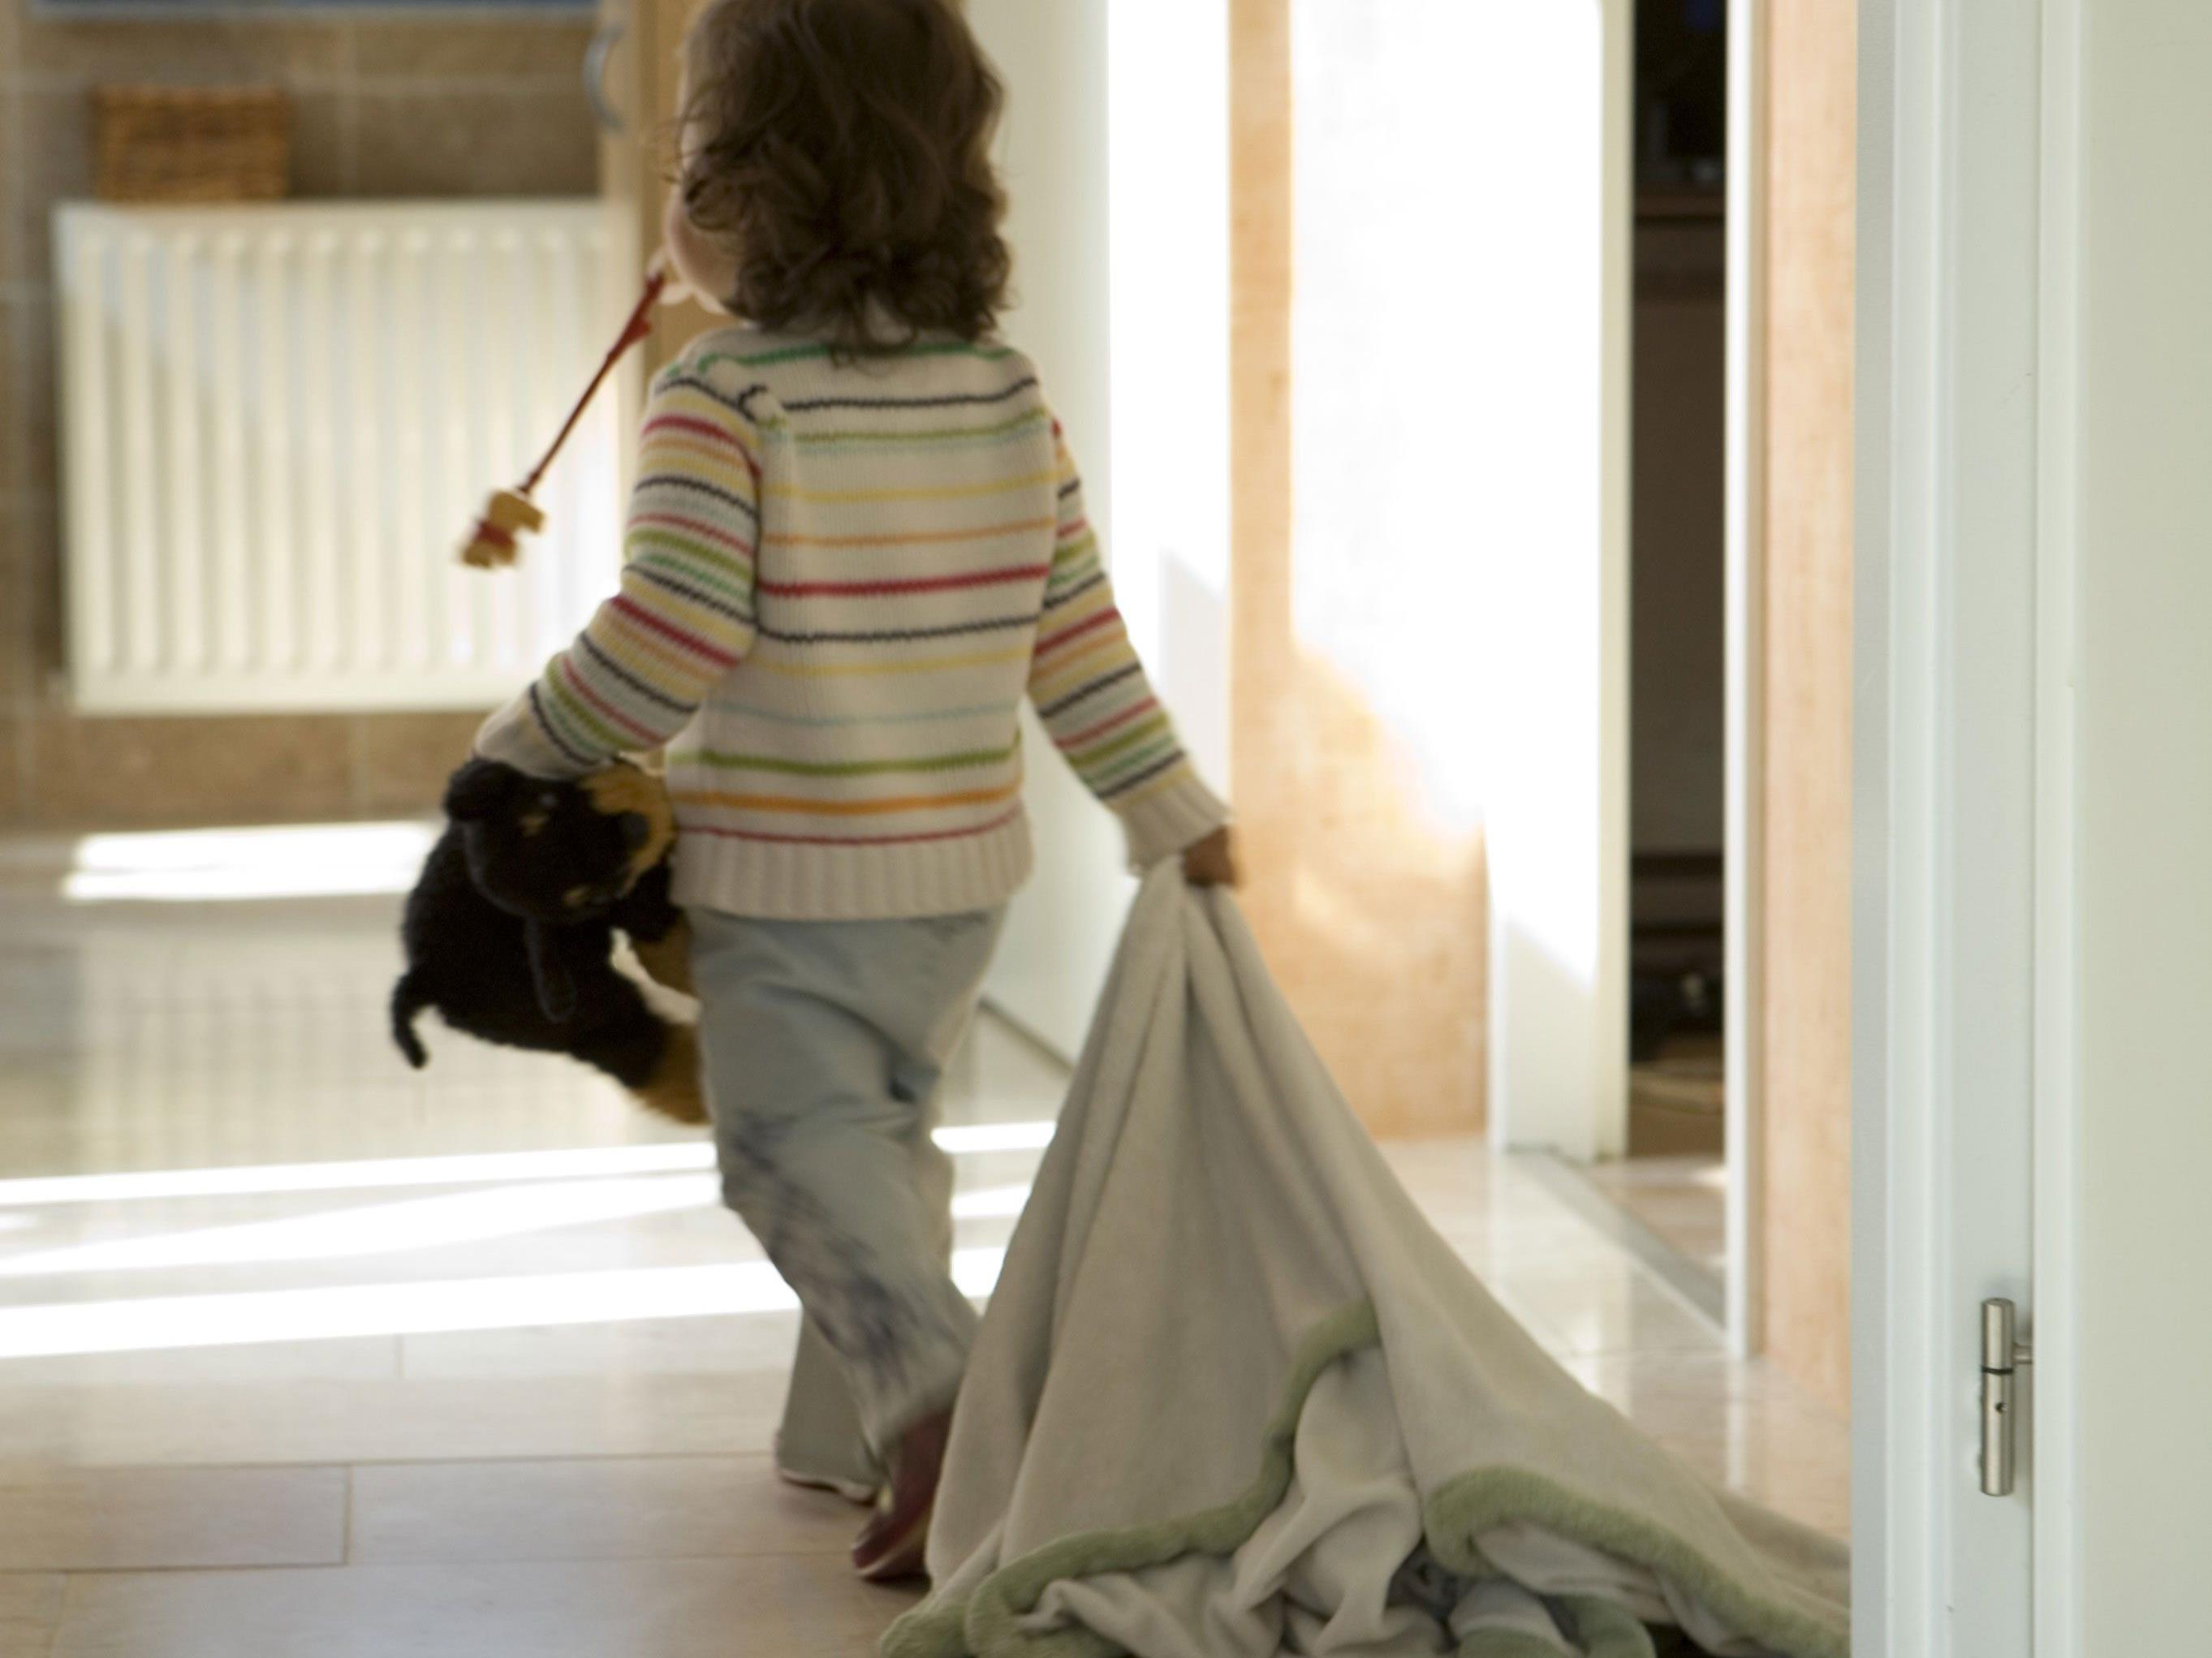 Wohlbehalten nach Hause gebracht: Dreijährige schlafwandelt durch Unterwellenborn.